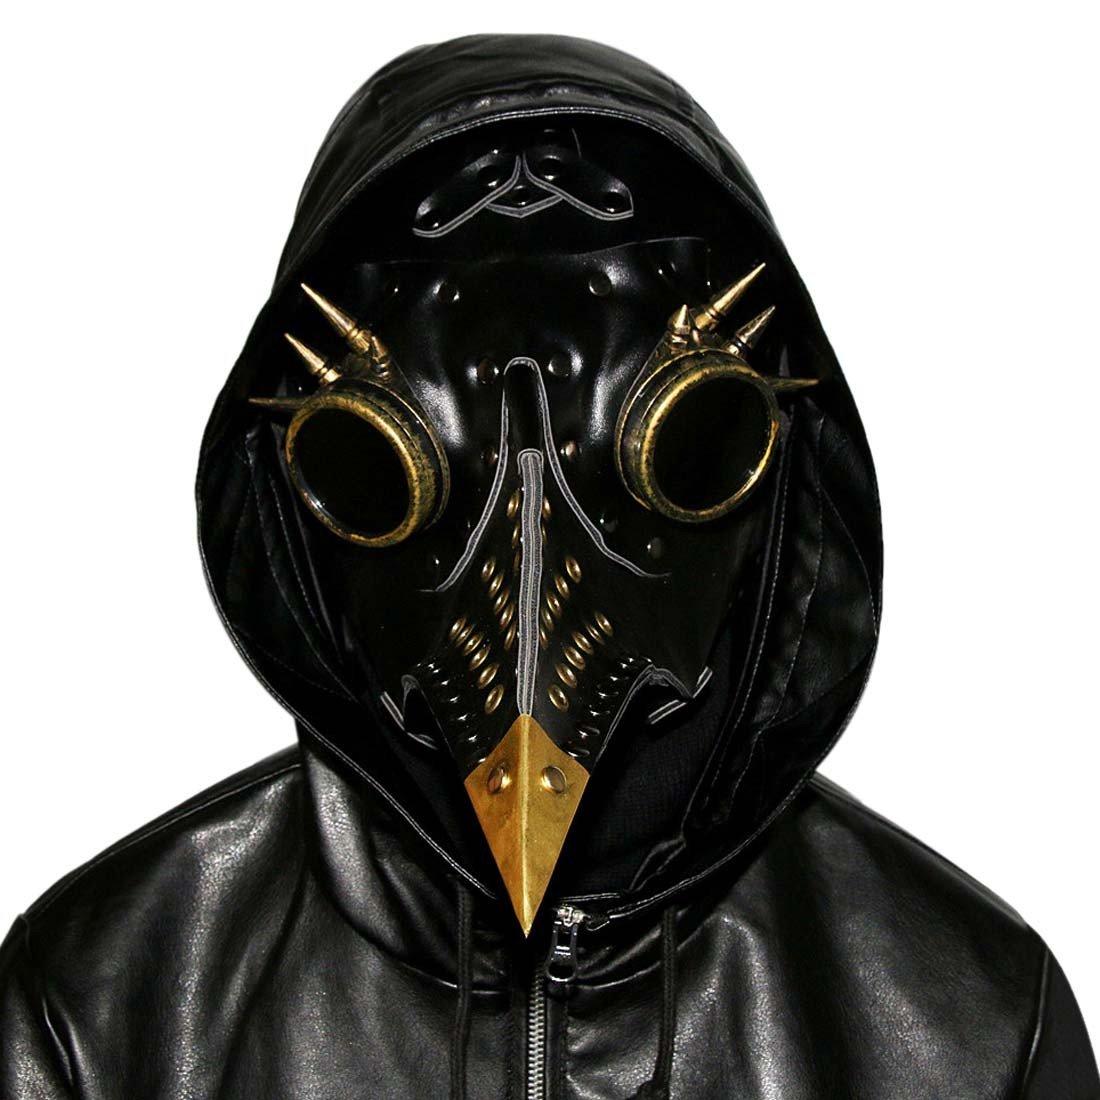 QIYUN.Z Pest Schnabel Maske Gothic Cosplay Retro Doktor Vogelmaske PU-Leder Maske B0751BQ224 Masken für Erwachsene Produktqualität | eine breite Palette von Produkten